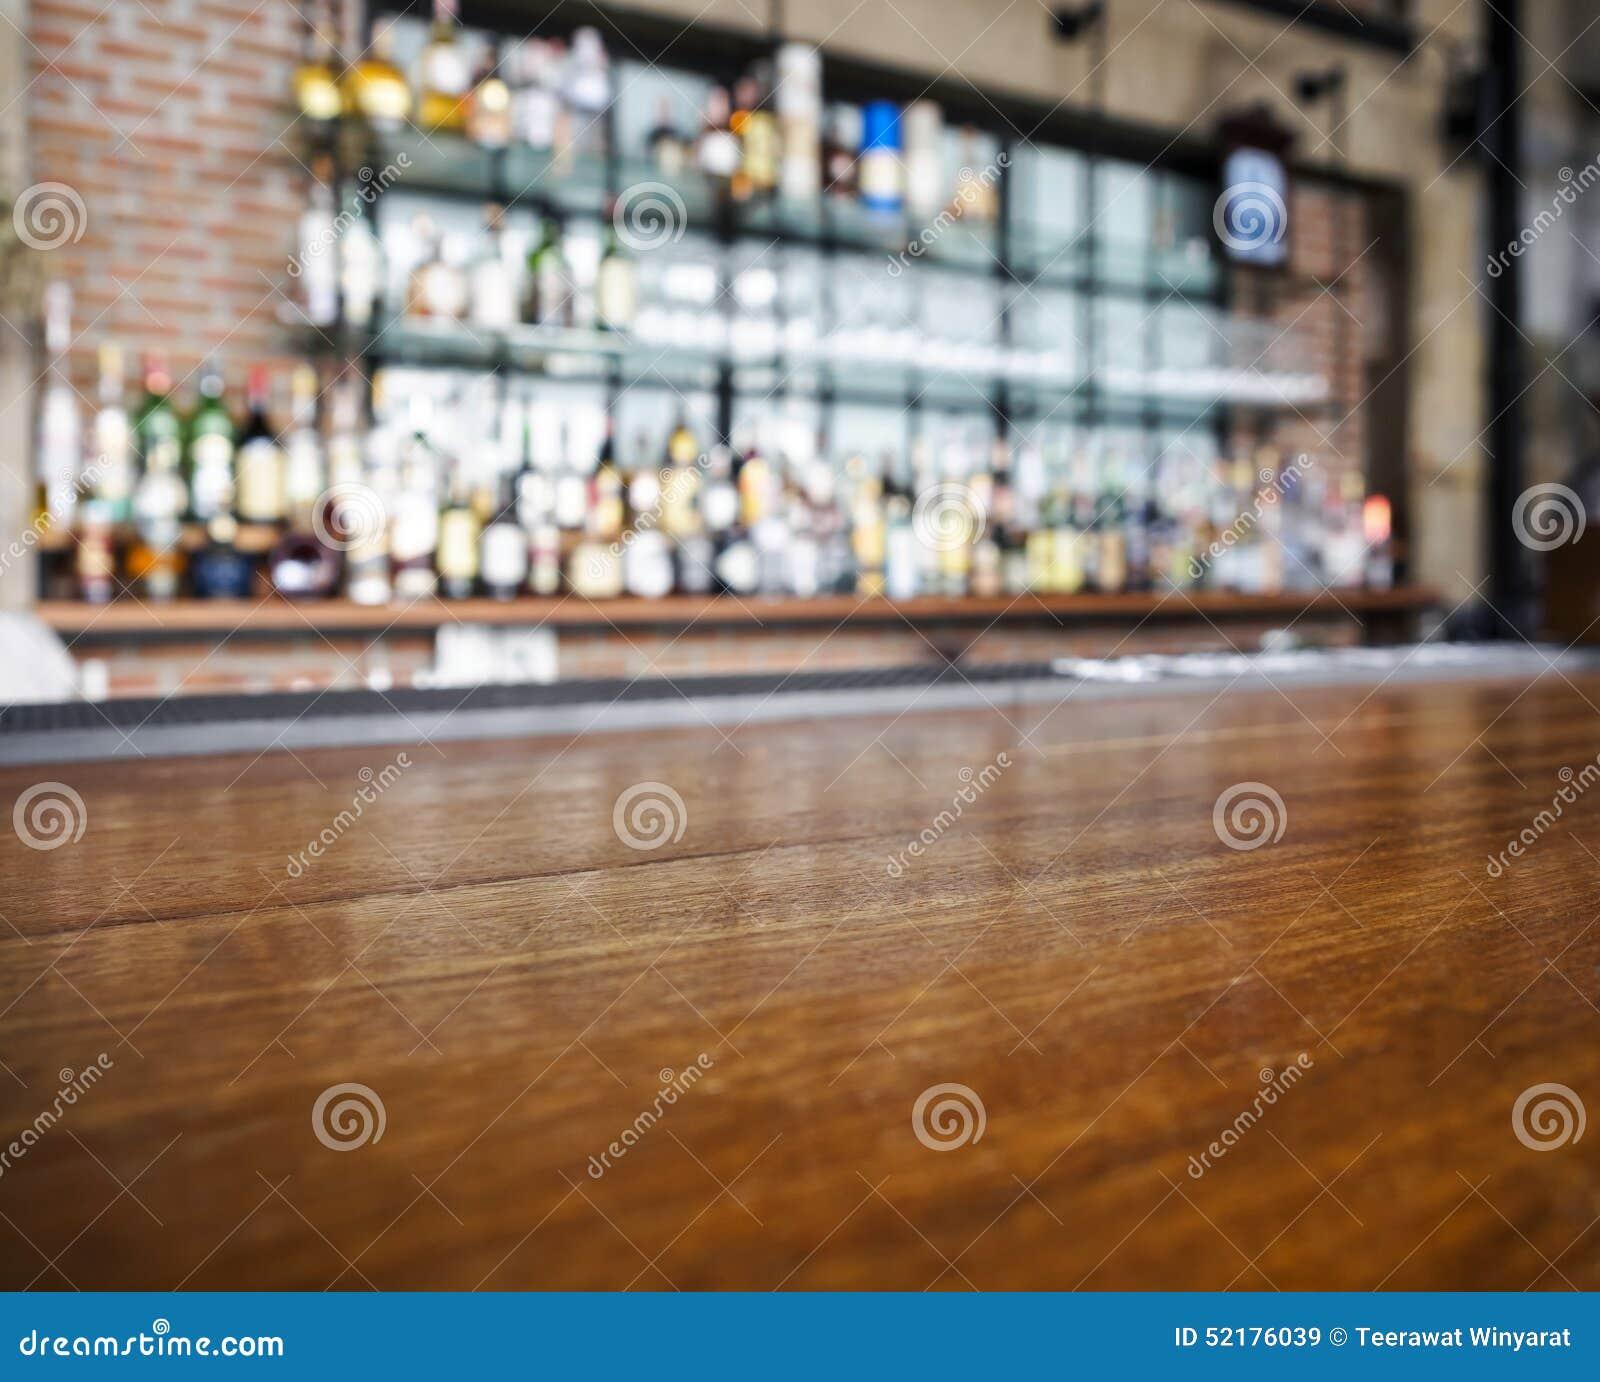 Parte superior do contador de madeira da tabela com fundo borrado da barra